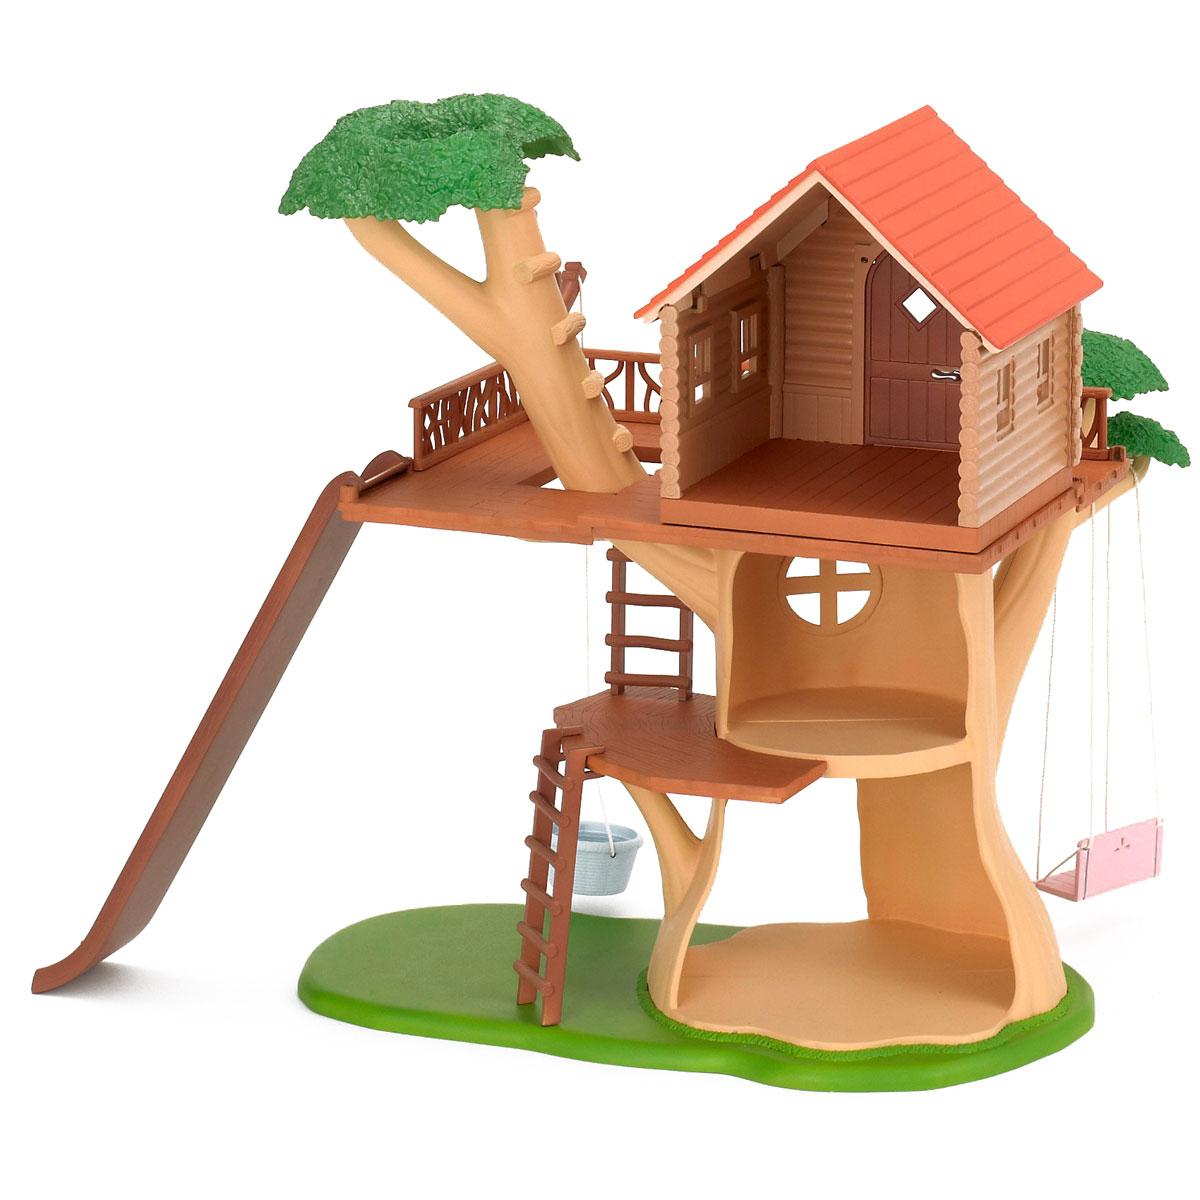 Sylvanian Families Игровой набор Дом-дерево2882Игровой набор Sylvanian Families Дом-дерево привлечет внимание вашего малыша и не позволит ему скучать. Набор включает сборное дерево с домиком и лестницей, подвесные качели, веревочную конструкцию для подъема наверх тяжестей, горку. Домик стилизован под деревянный, жить в нем - одно удовольствие, тем более, его можно при желании обставить по своему вкусу! Ваша малышка будет часами играть с набором, придумывая различные истории. Sylvanian Families - это целый мир маленьких жителей, объединенных общей легендой. Жители страны Sylvanian Families - это кролики, белки, медведи, лисы и многие другие. У каждого из них есть дом, в котором есть все необходимое для счастливой жизни. В городе, где живут герои, есть школа, больница, рынок, пекарня, детский сад и множество других полезных объектов. Жители этой страны живут семьями, в каждой из которой есть дети. В домах Sylvanian Families царит уют и гармония.